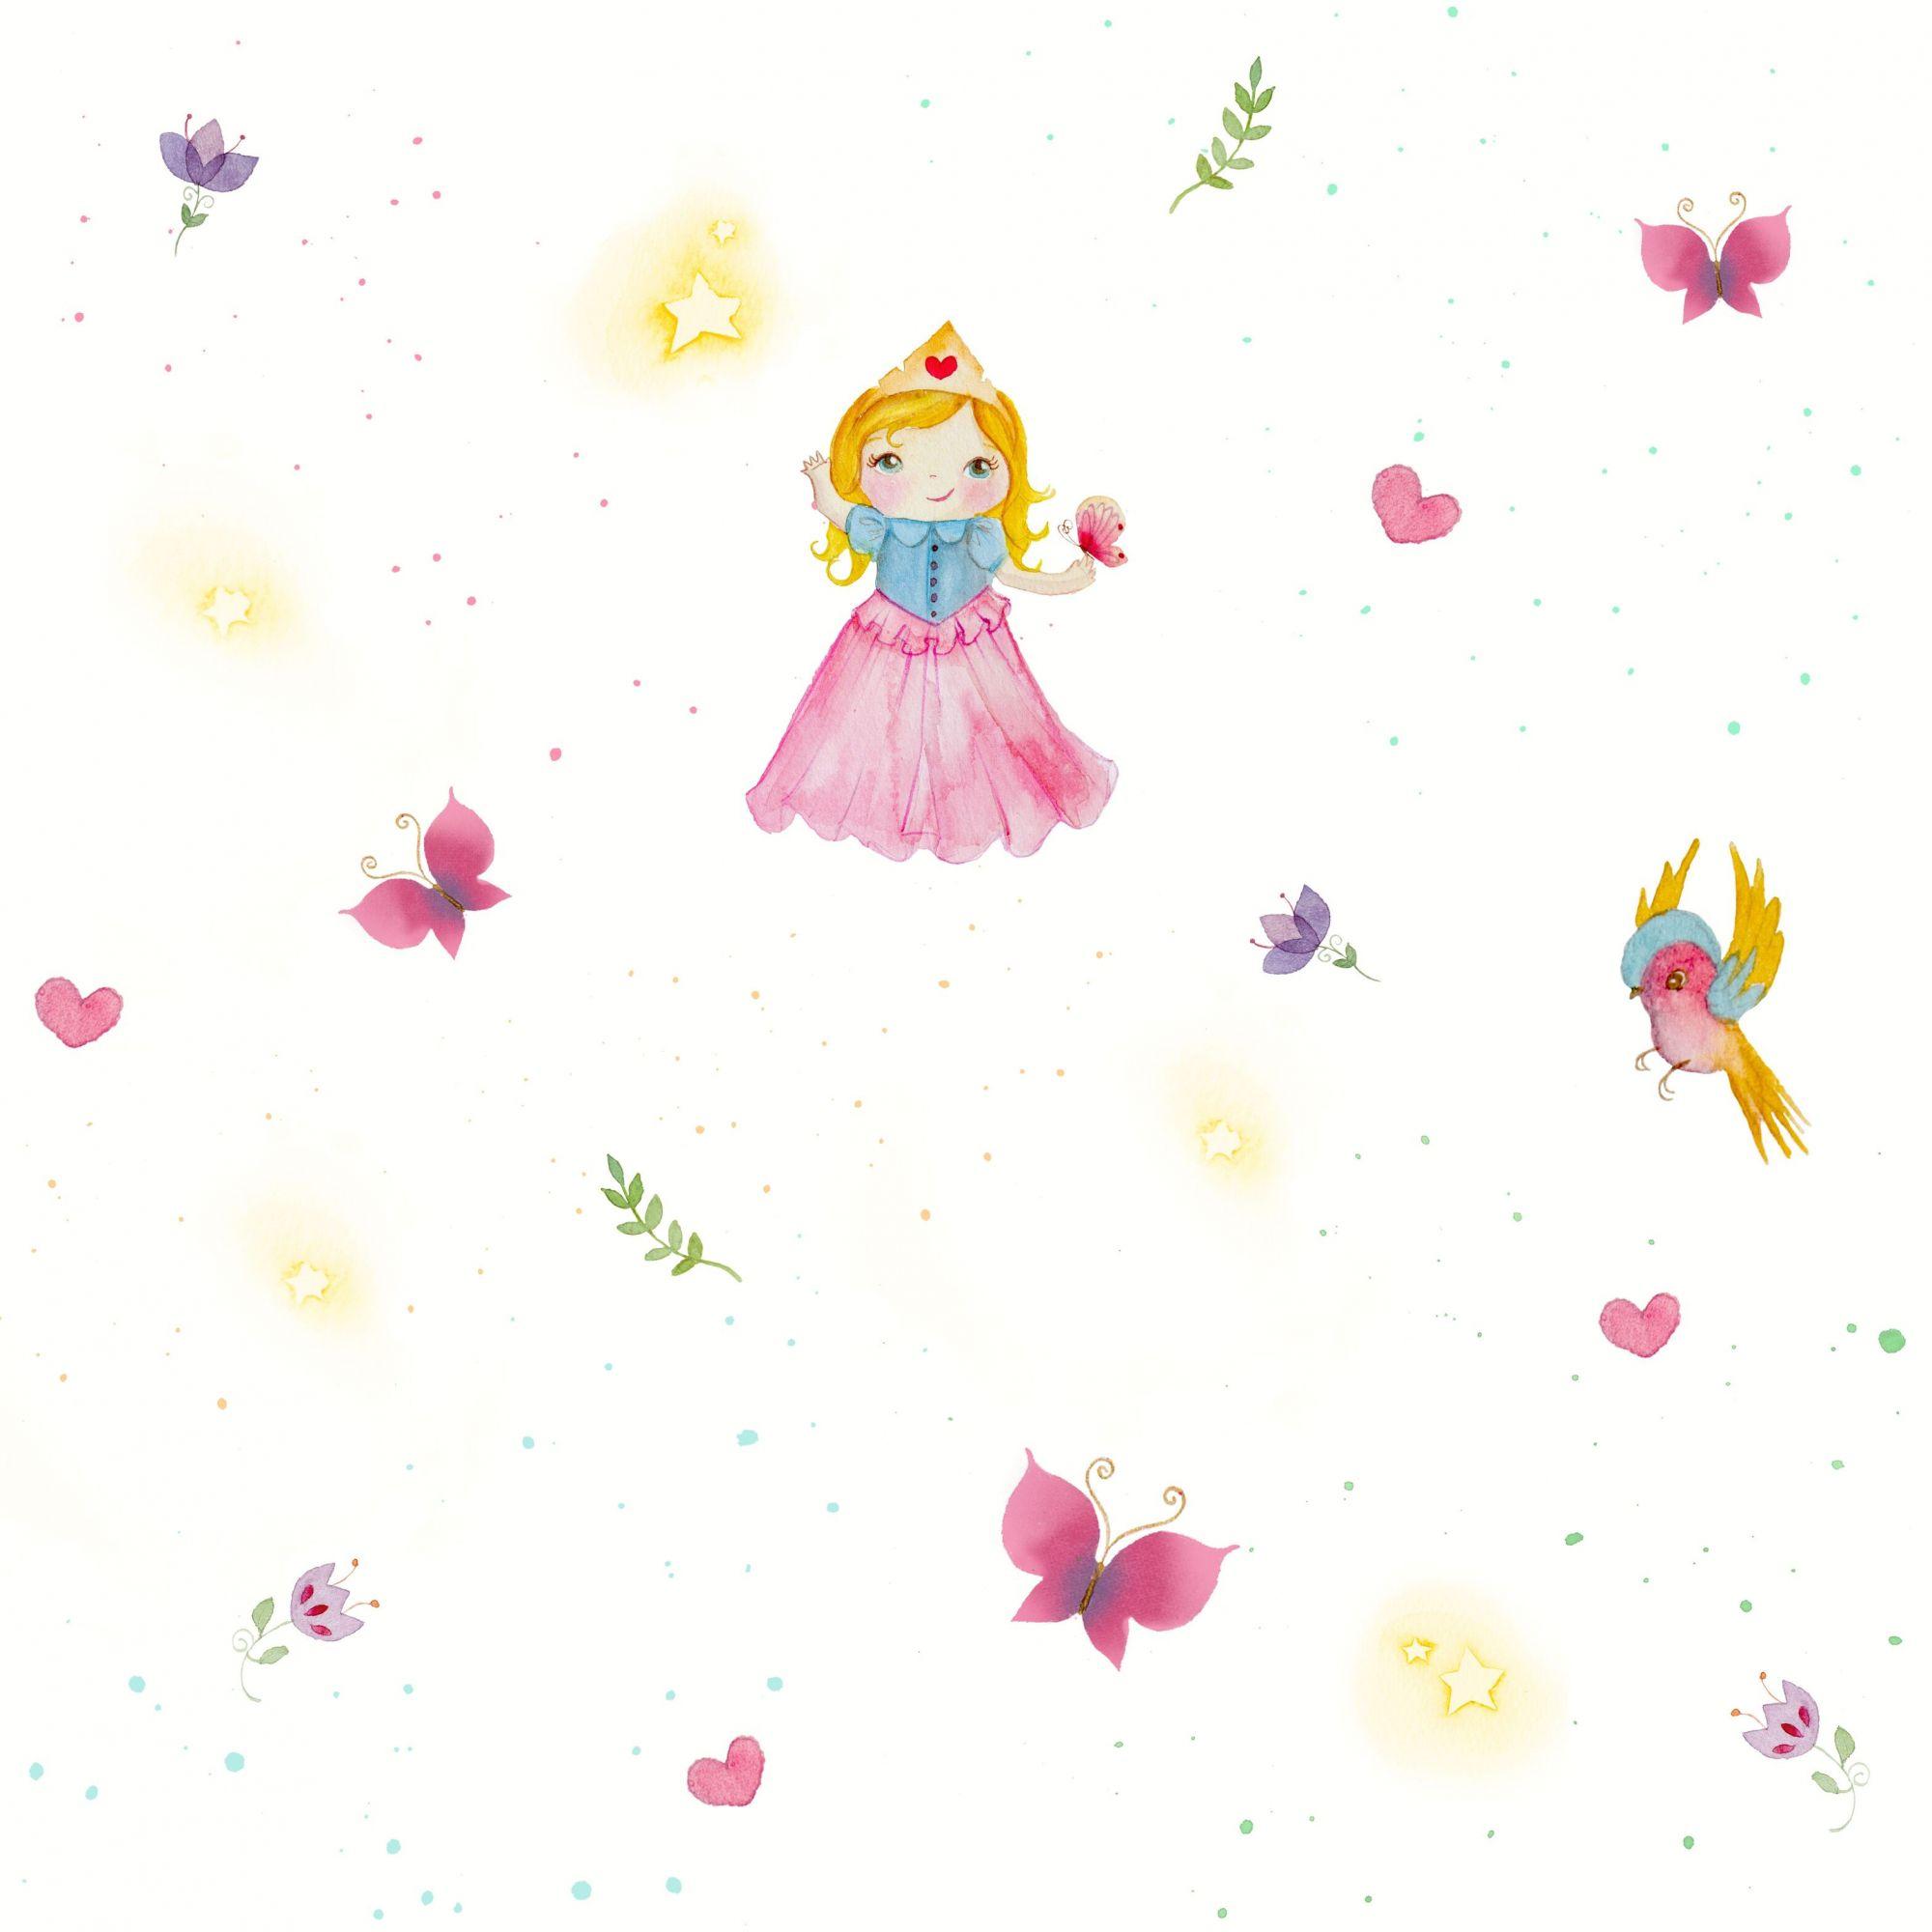 Papel de Parede Infantil Bobinex Coleção Brincar Fadas Amarelo, Rosa, Azul